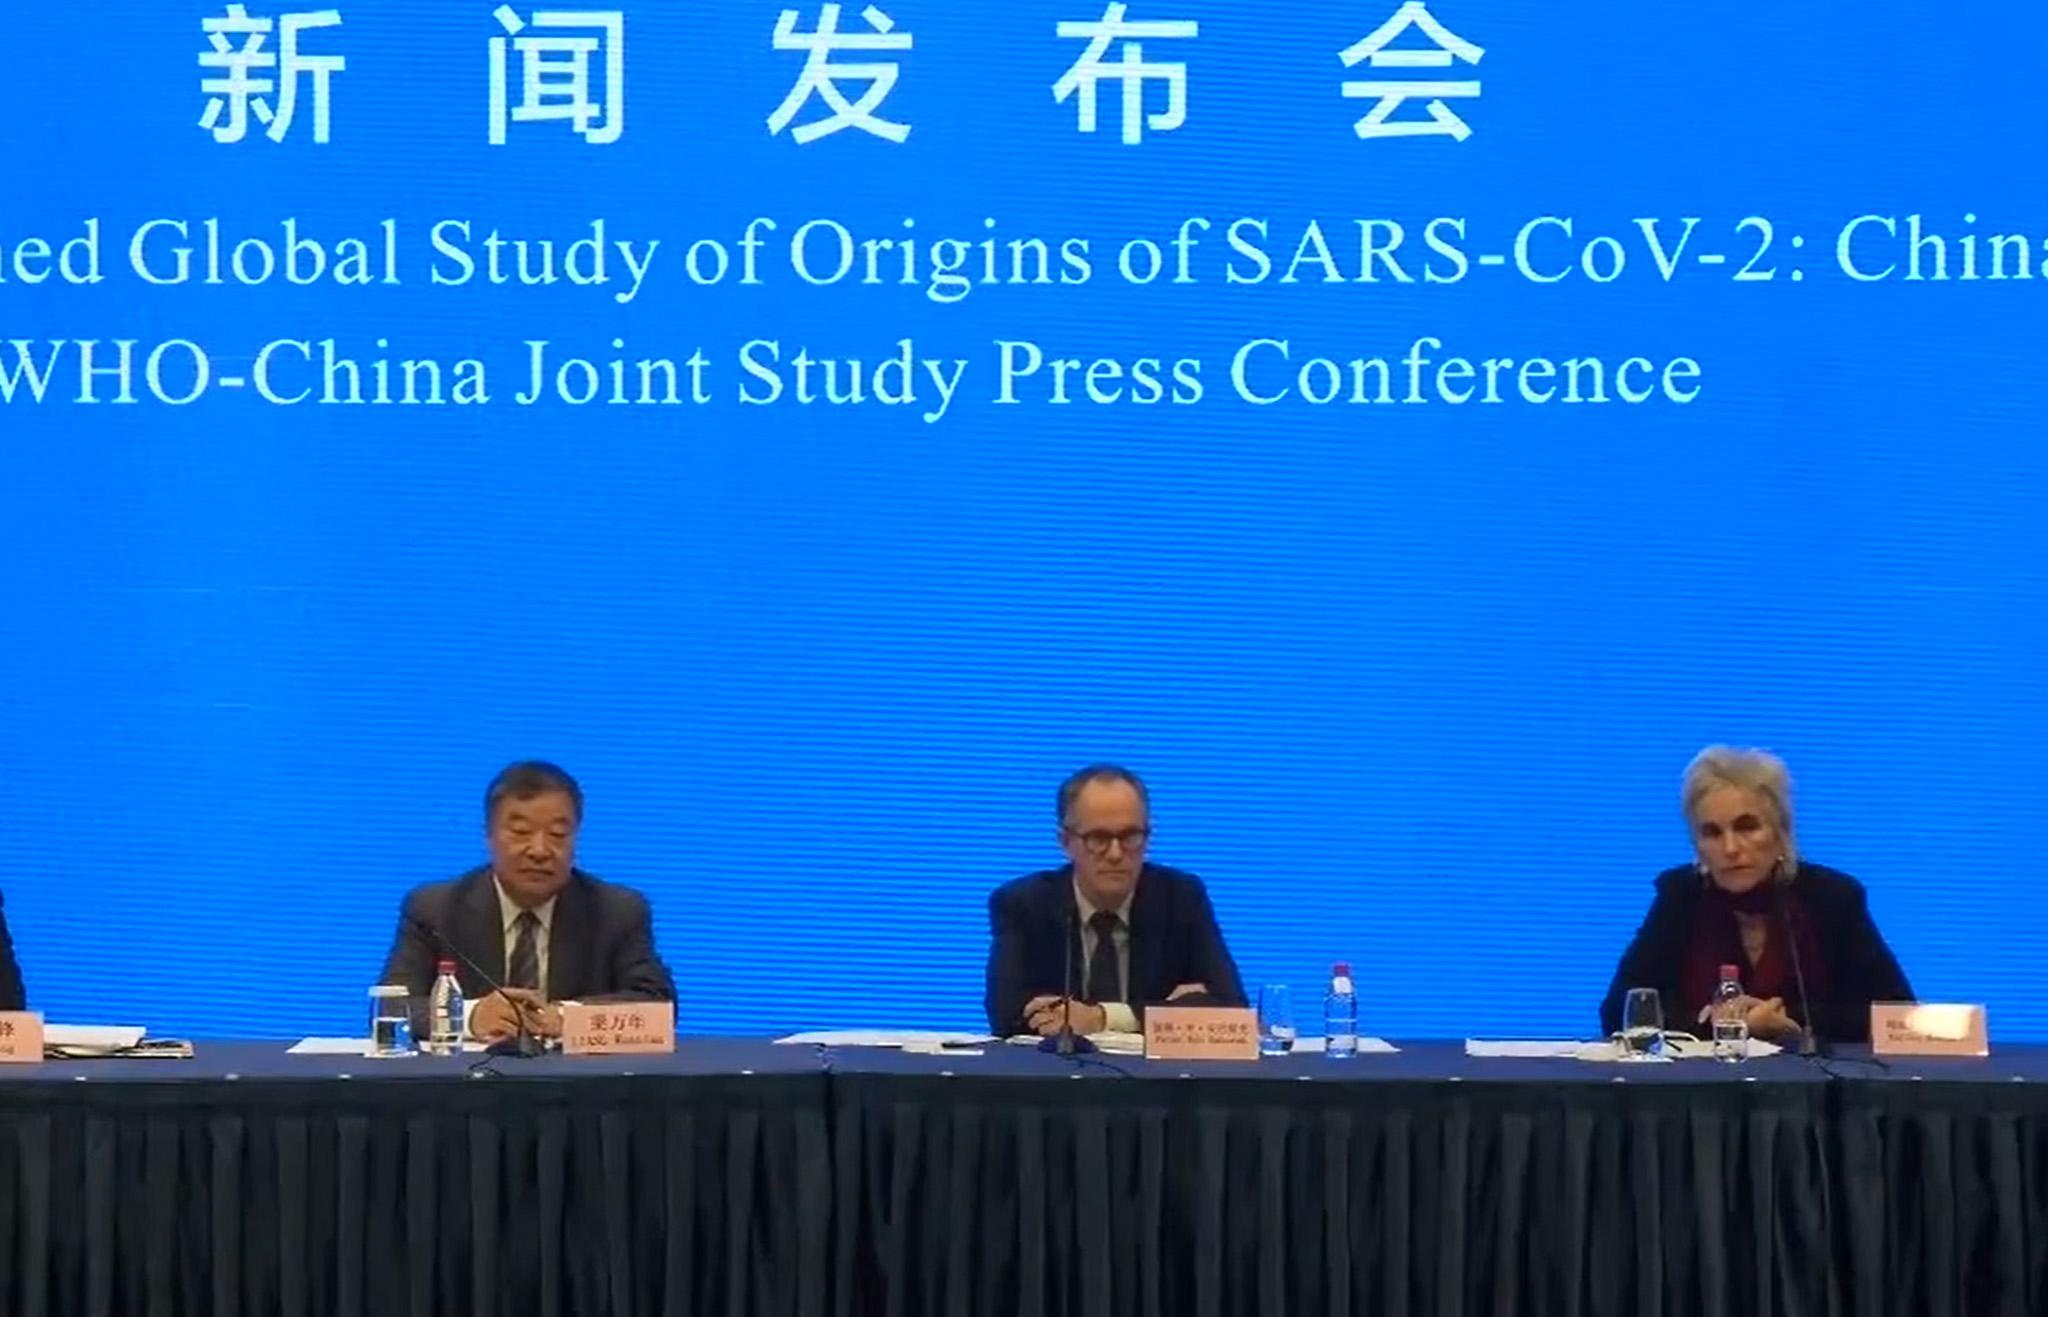 Wuhan'daki DSÖ ekibi: Covid-19'un kaynağı tespit edilemedi